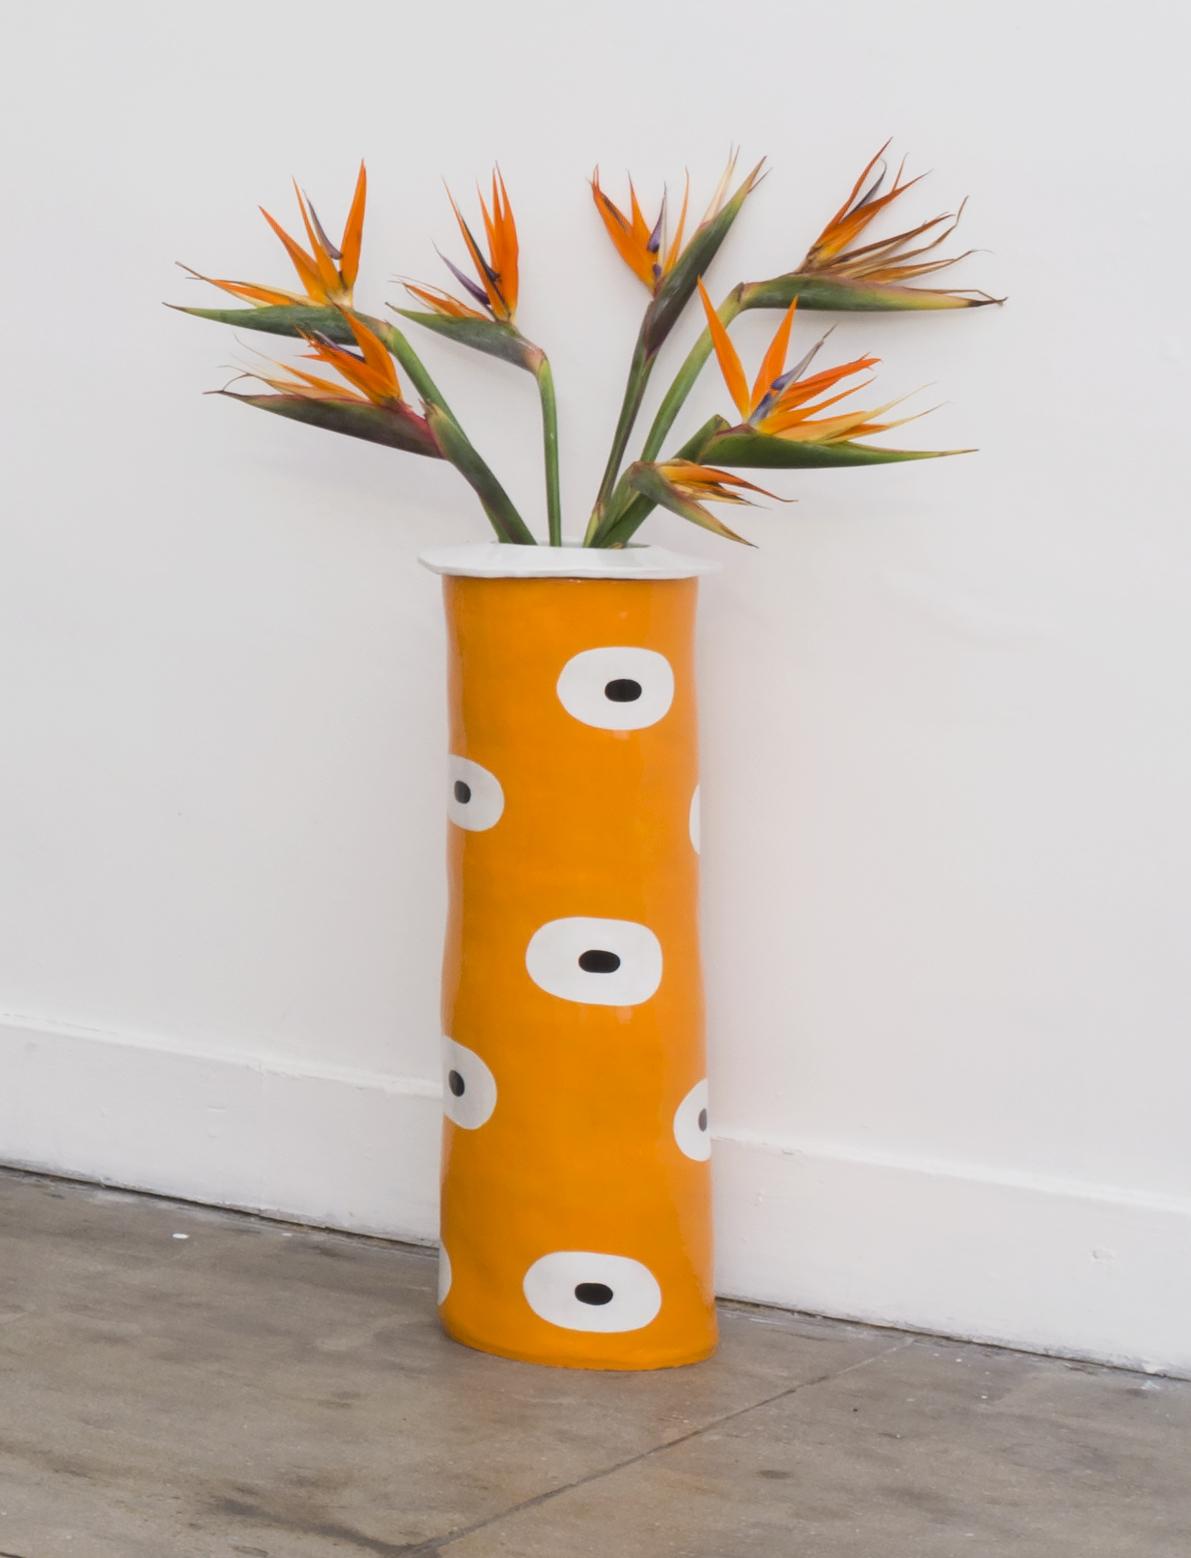 orangeurnflowers.jpg